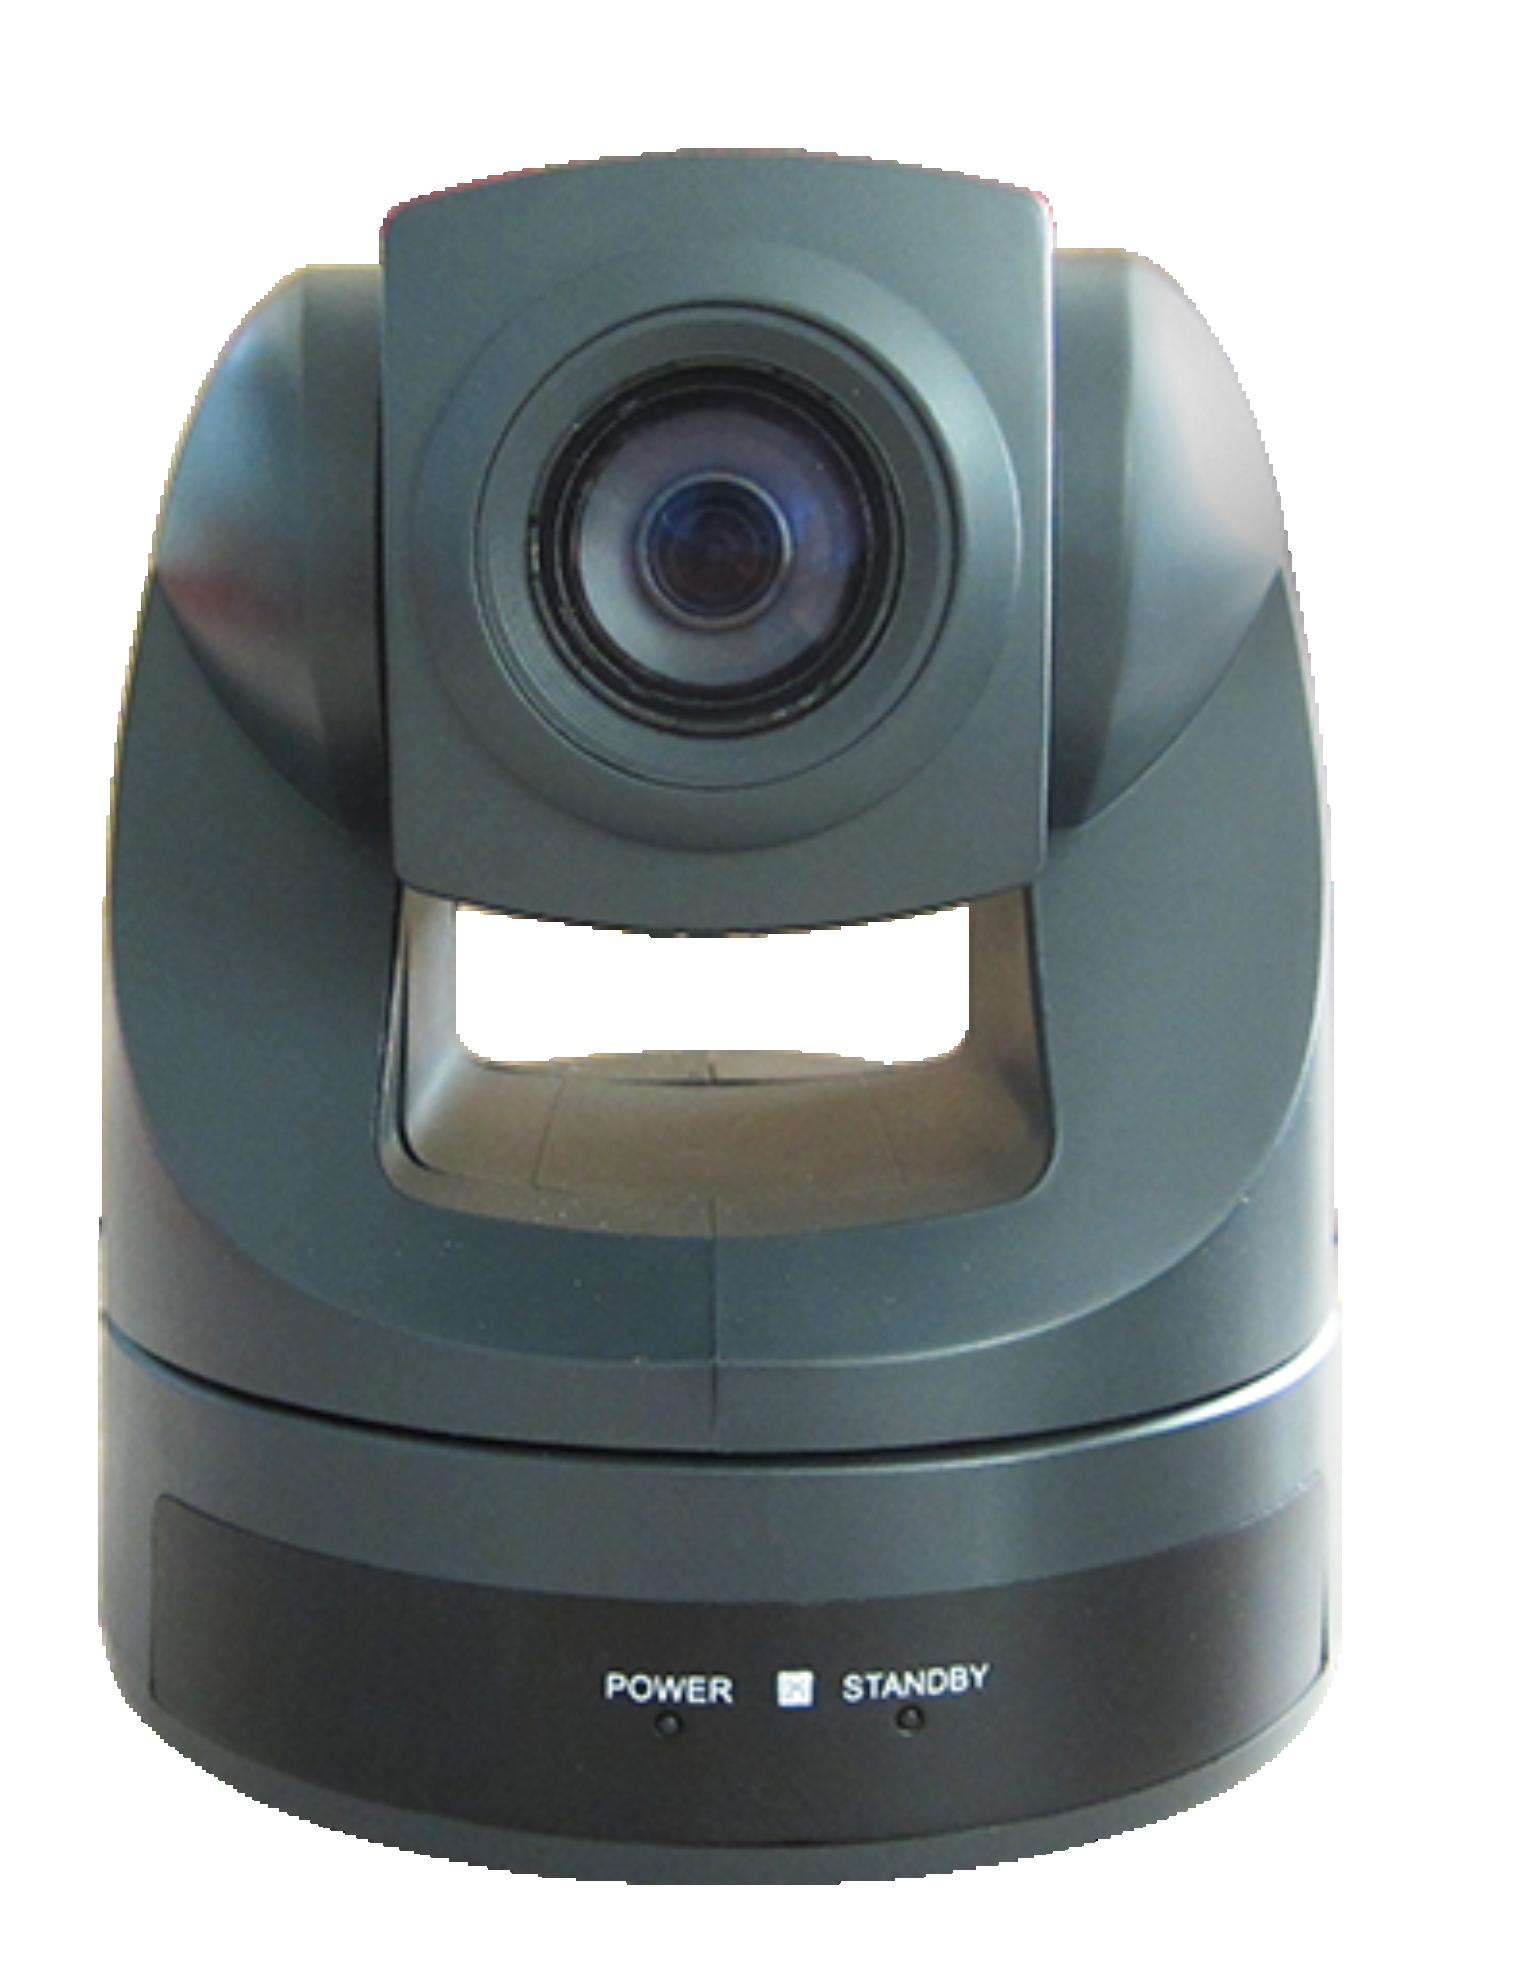 AB8382多功能视频欧宝体肓登录摄像机